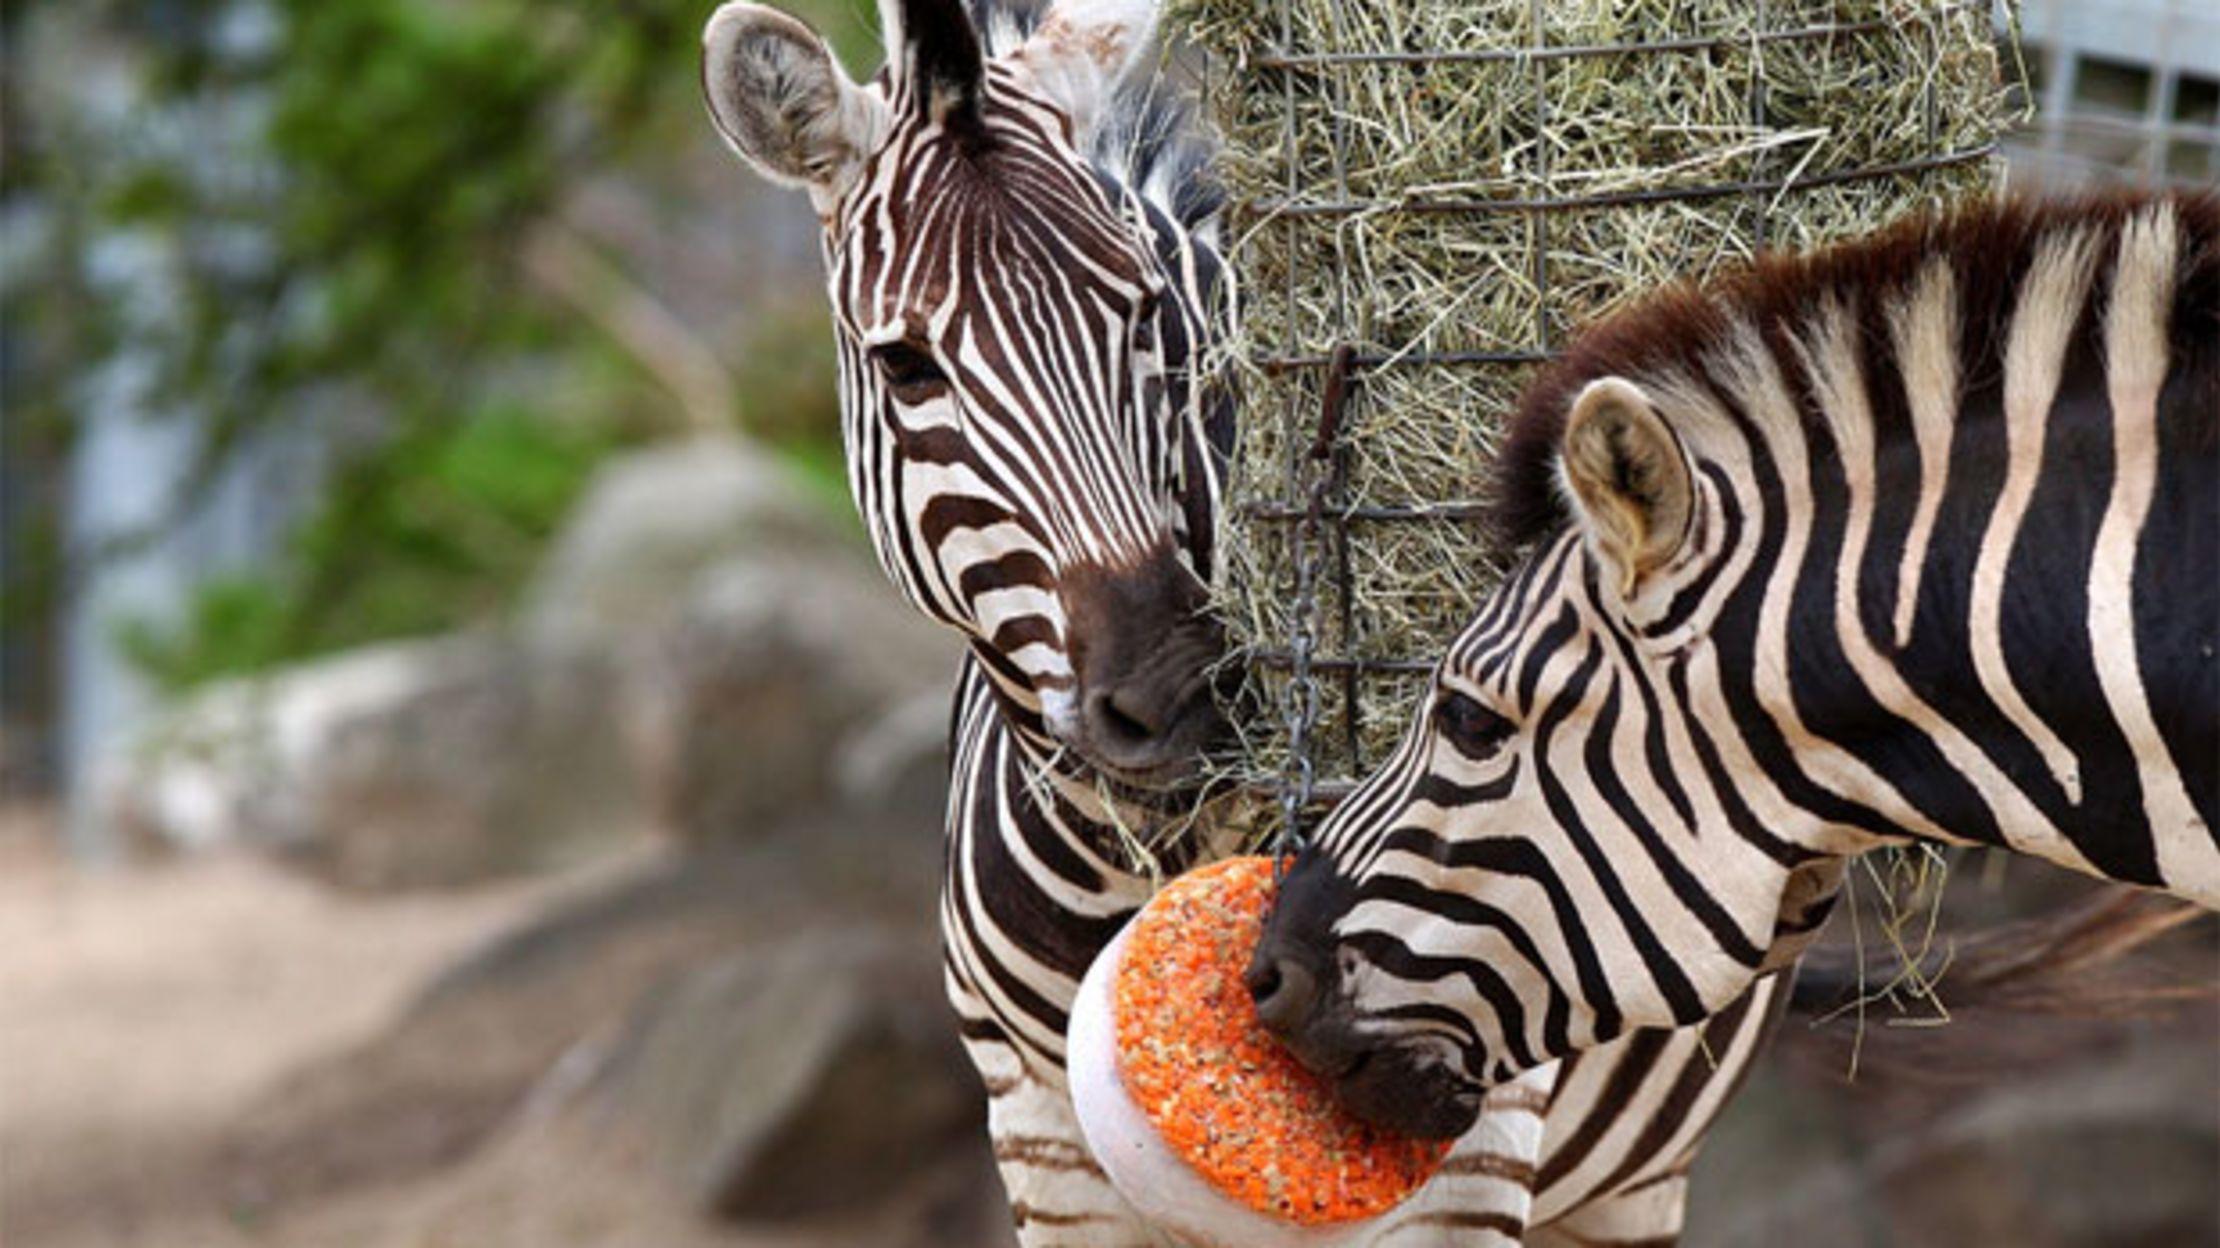 Класс молодцы, картинки из зоопарка